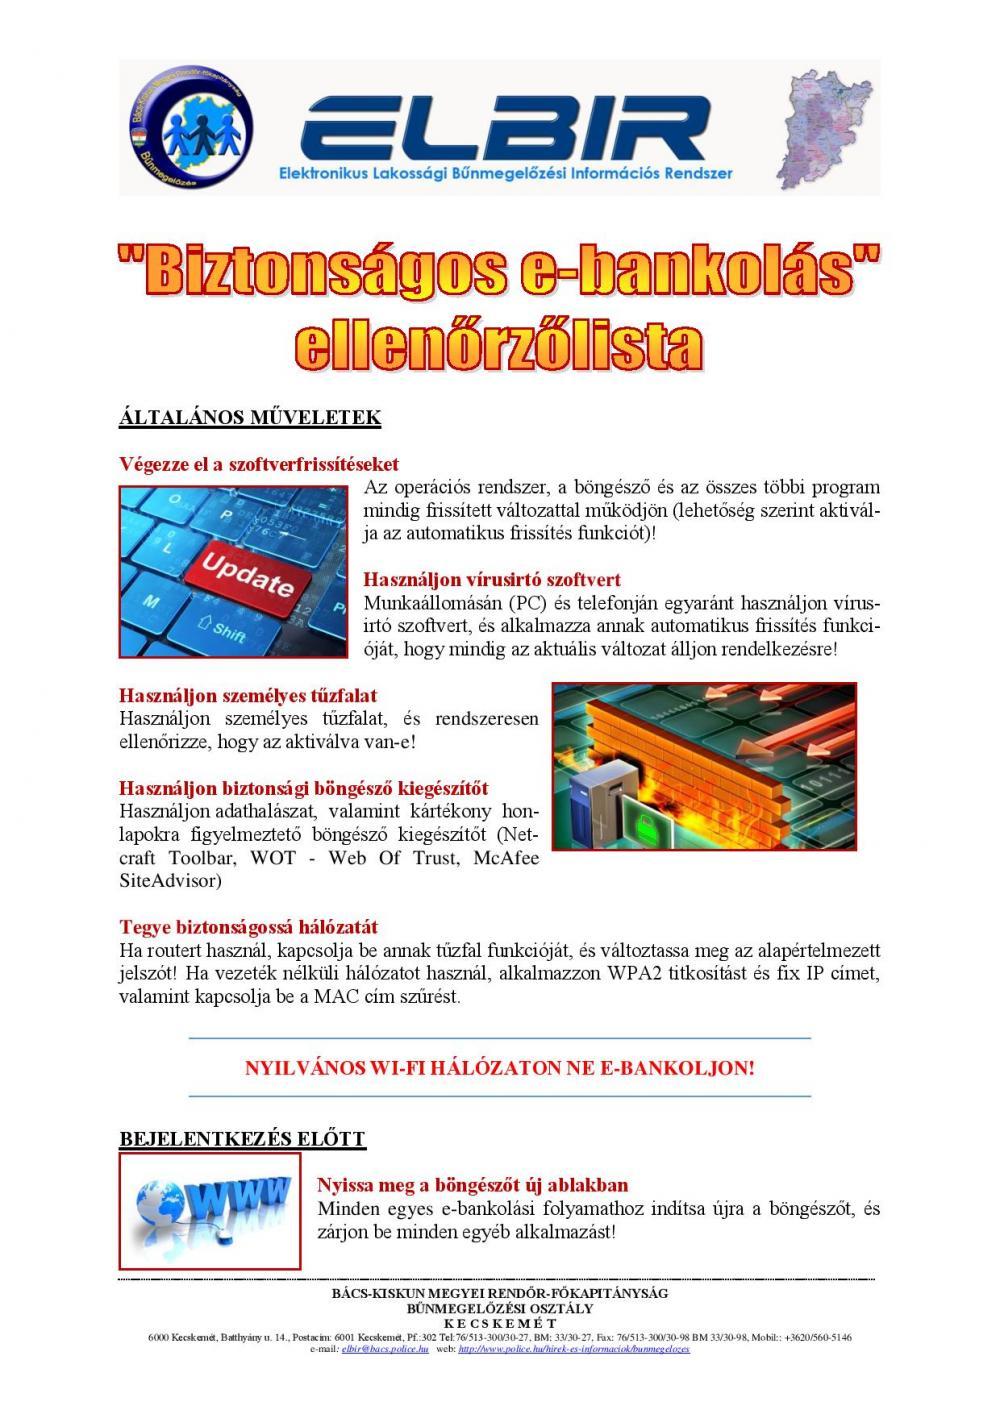 Biztonságos e-bankolás